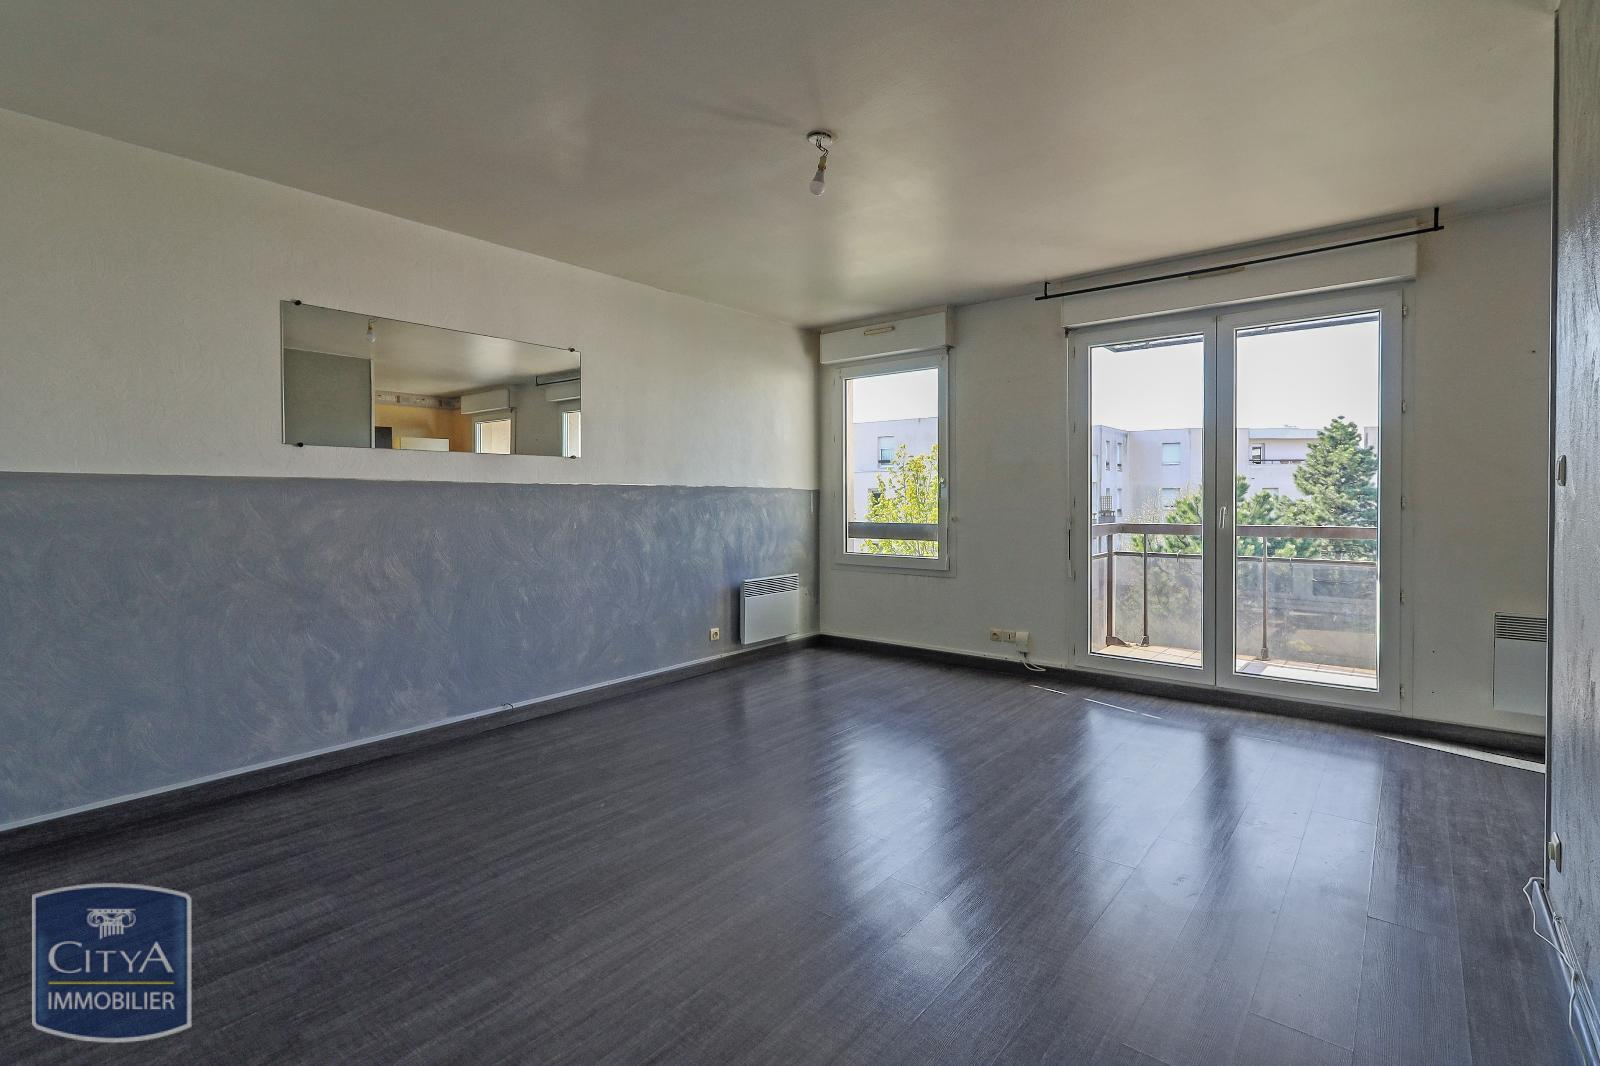 Appartement 2 pièces 54 m²